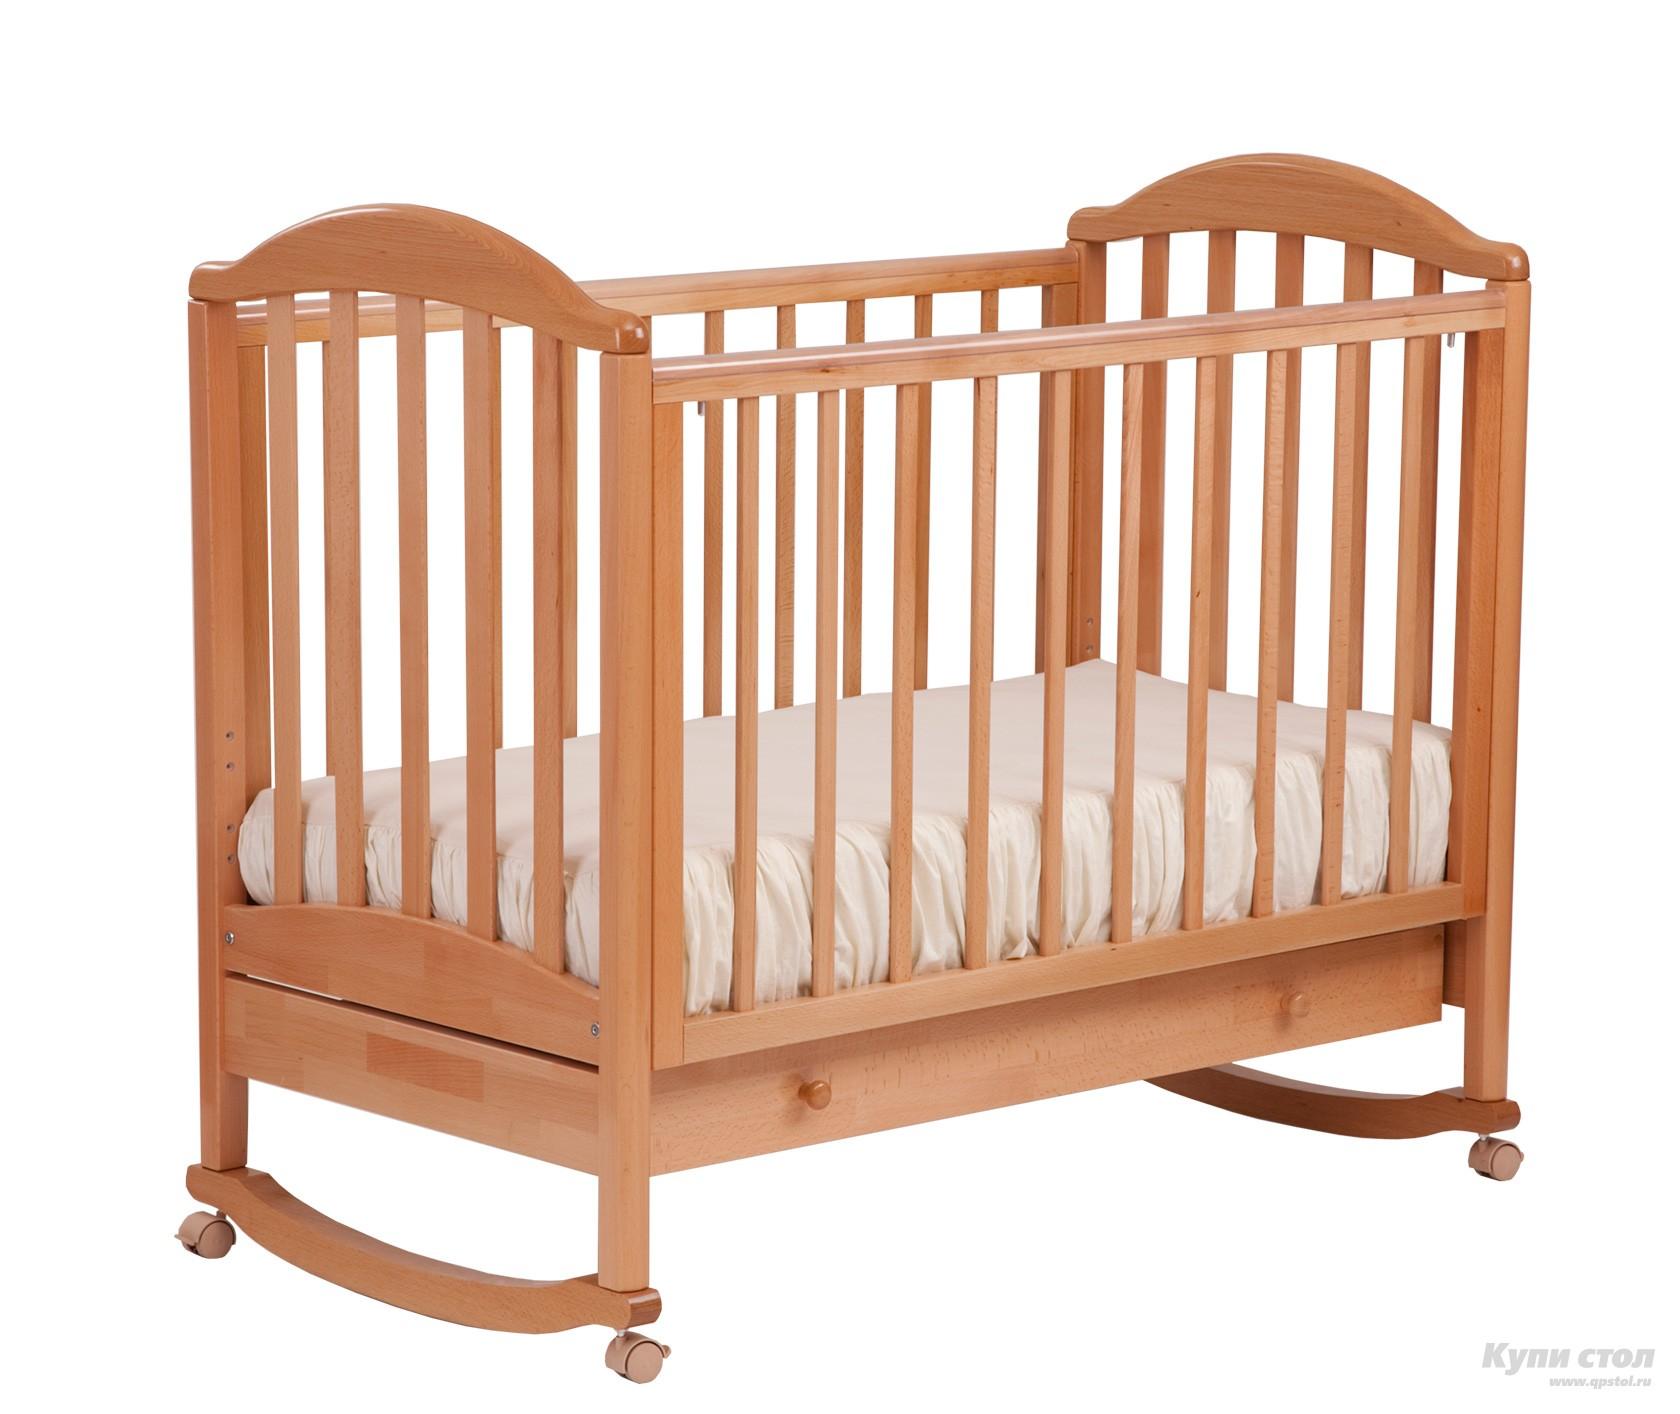 Кроватка Люкс АБ 17.1 КупиСтол.Ru 11870.000